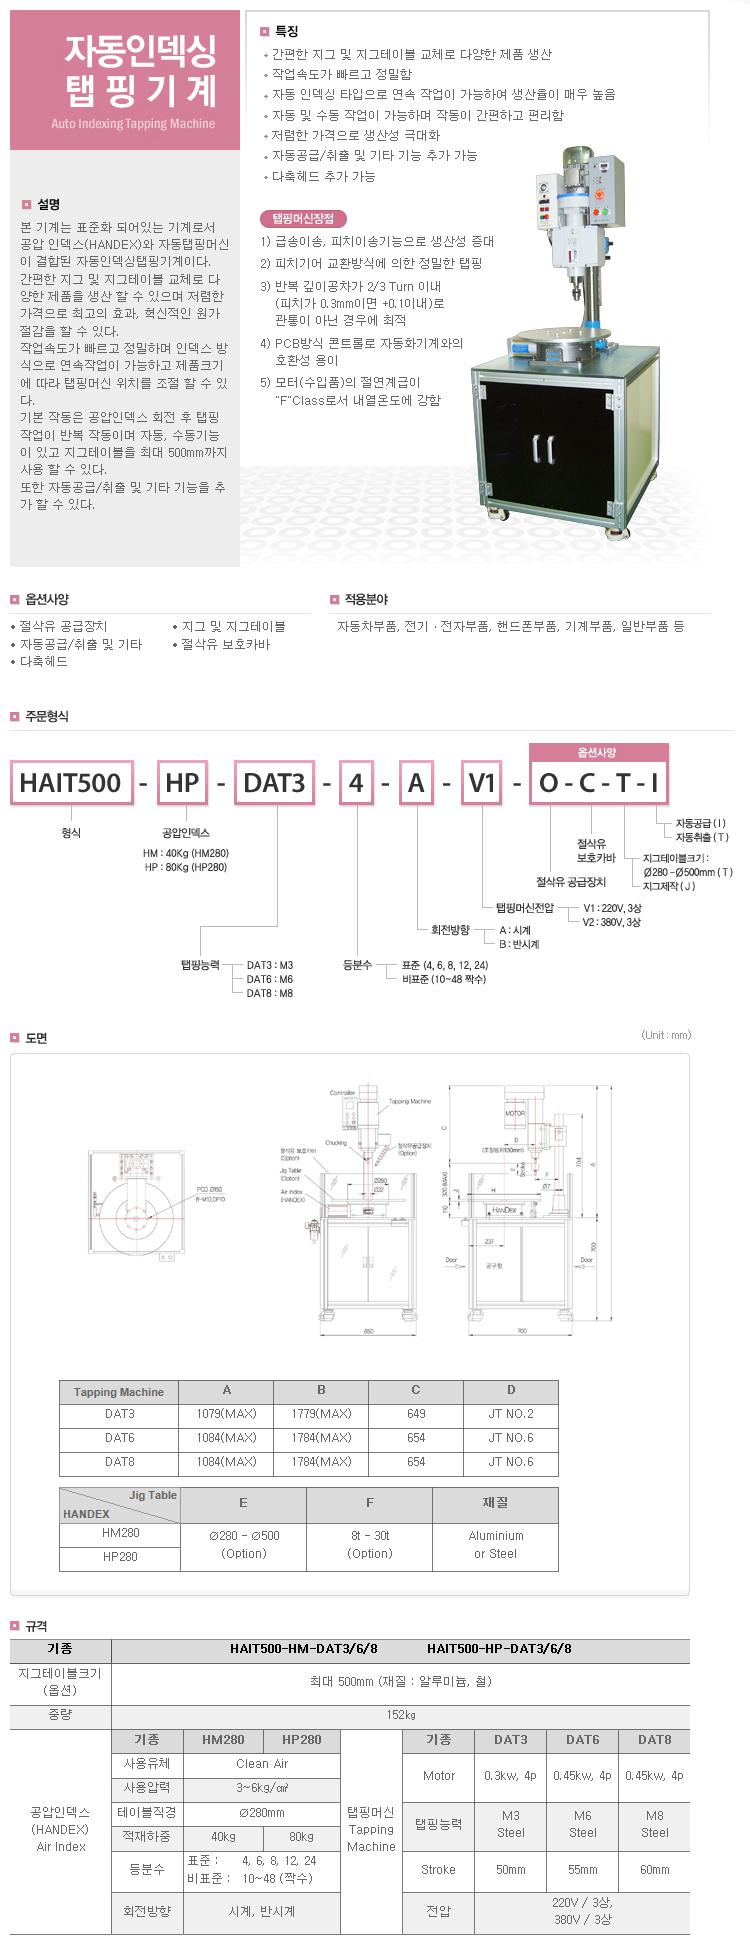 한신로보테크 자동인덱싱탭핑기계 HAIT500 Series 1